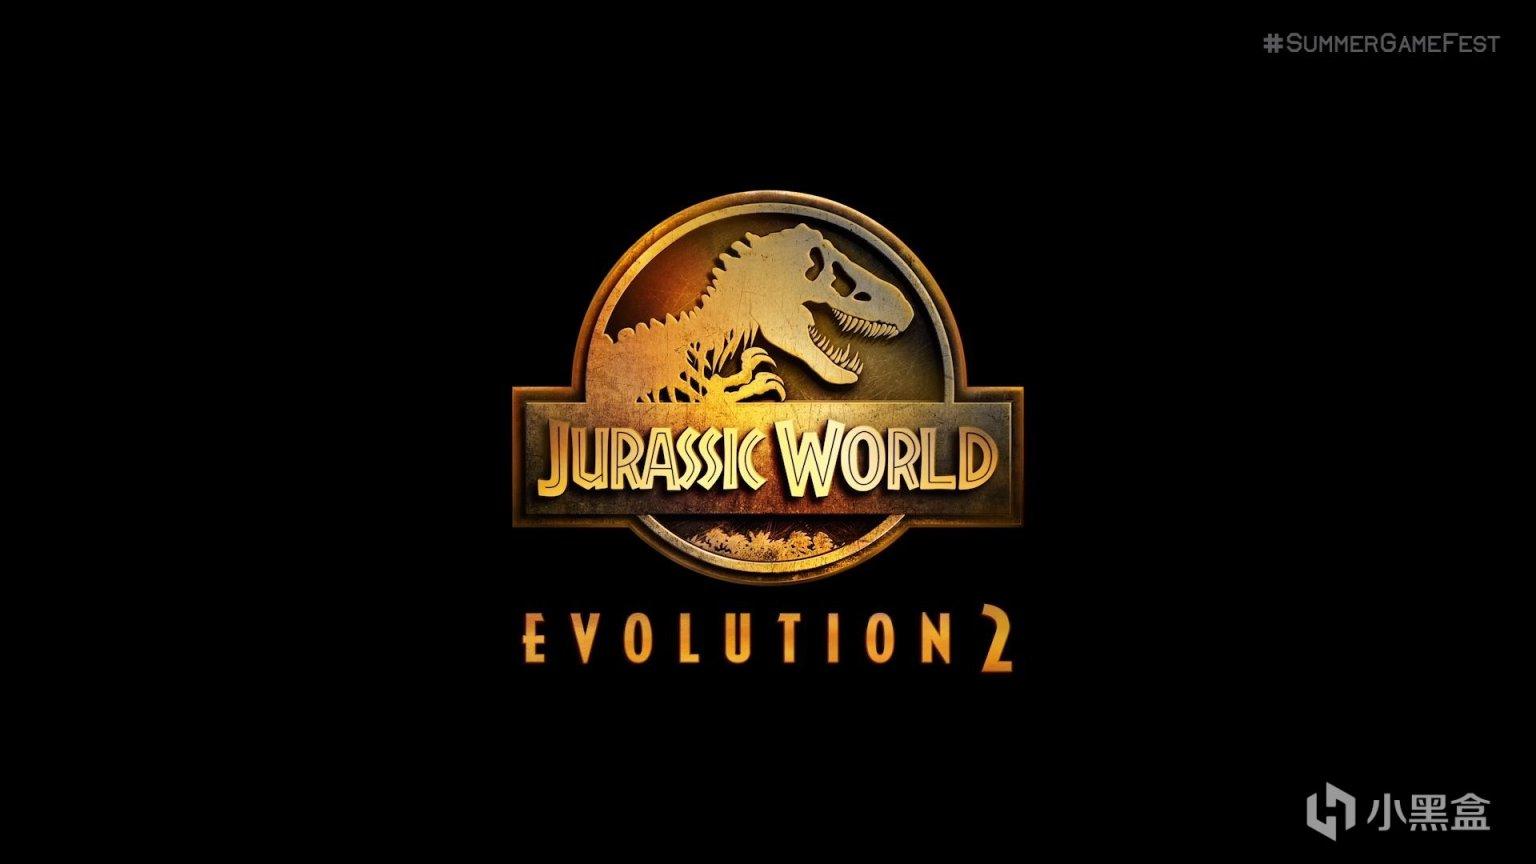 E3夏季游戏节:《侏罗纪世界:进化2》正式公布